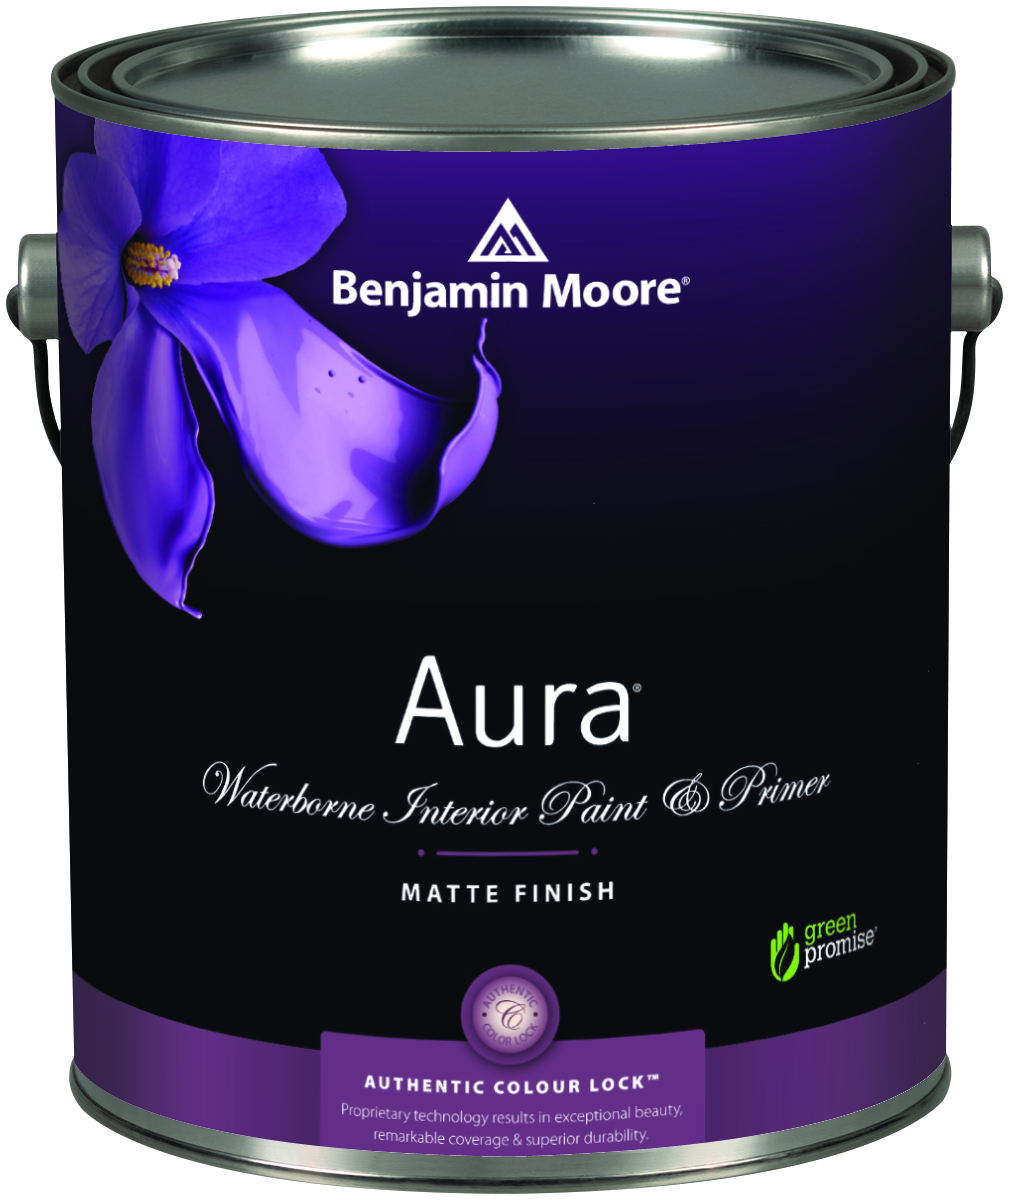 Benjamin moore paint wm dyck sons for Benjamin moore aura interior matte 522